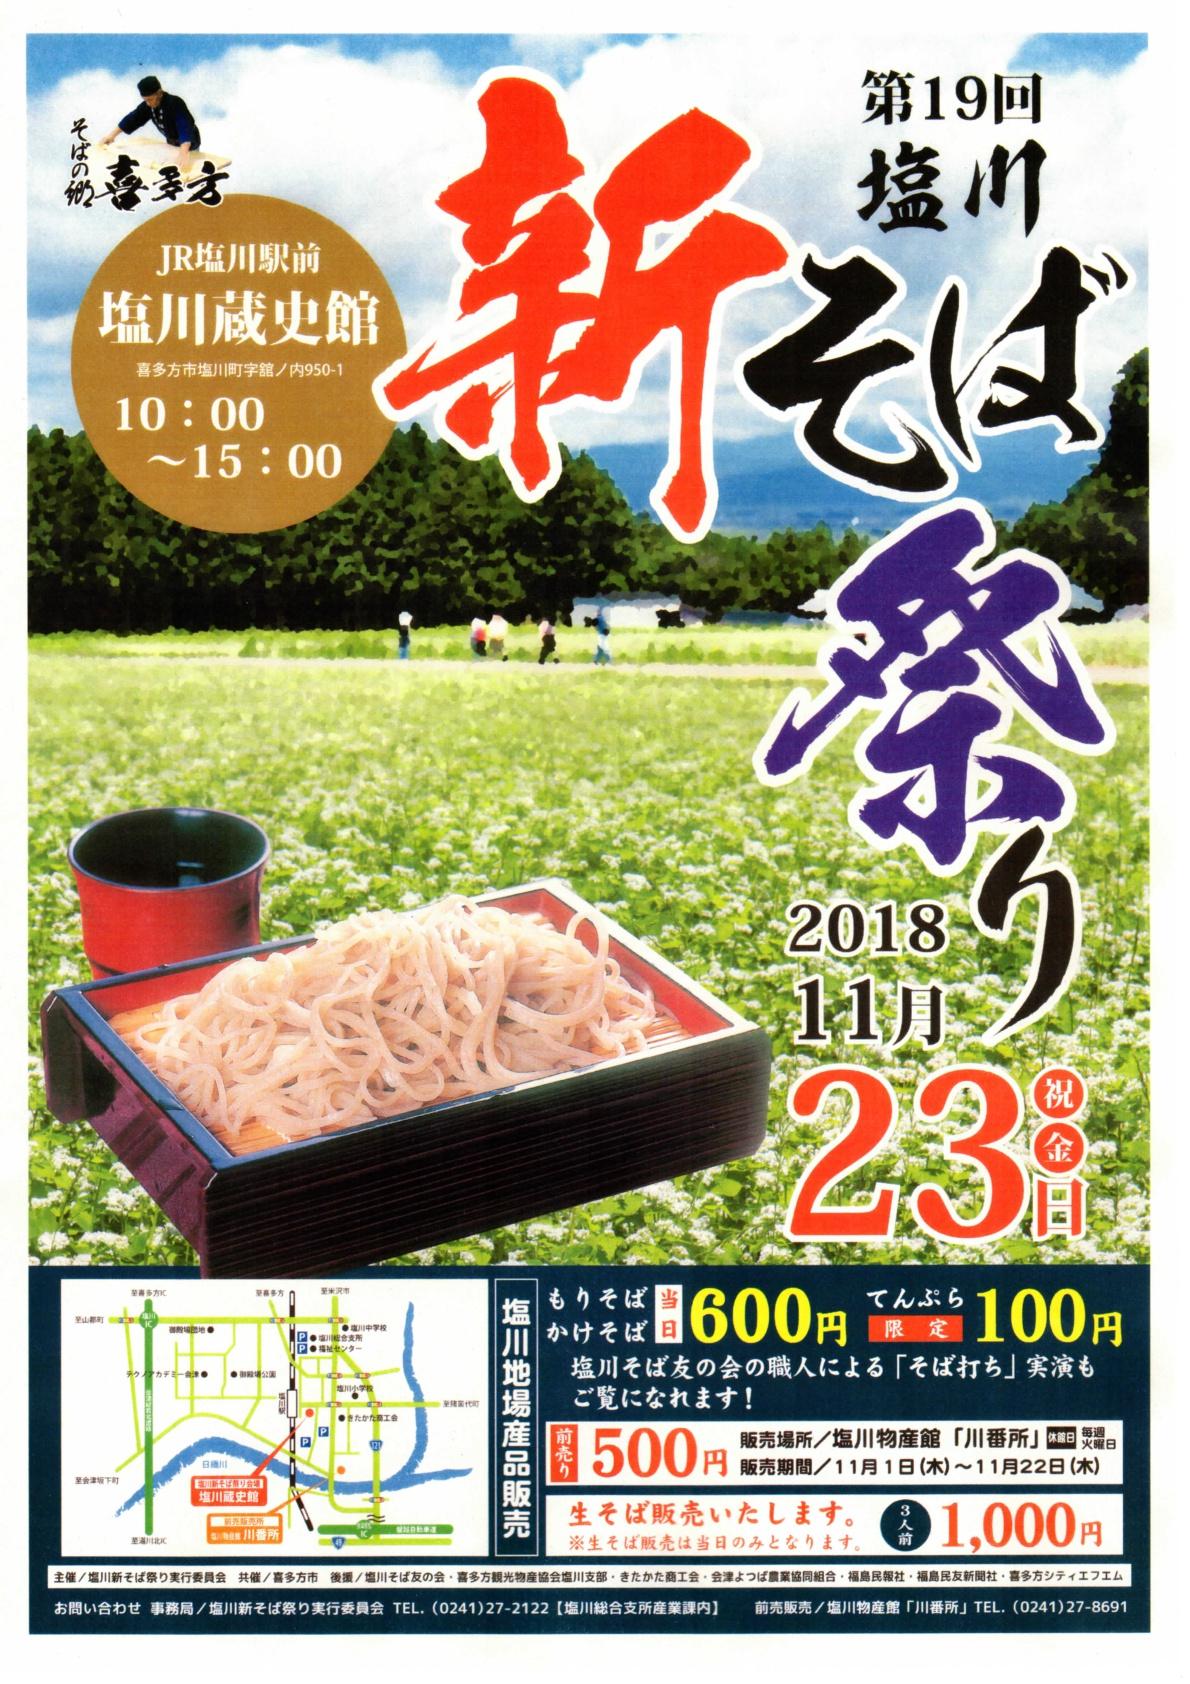 塩川新そば祭り-001